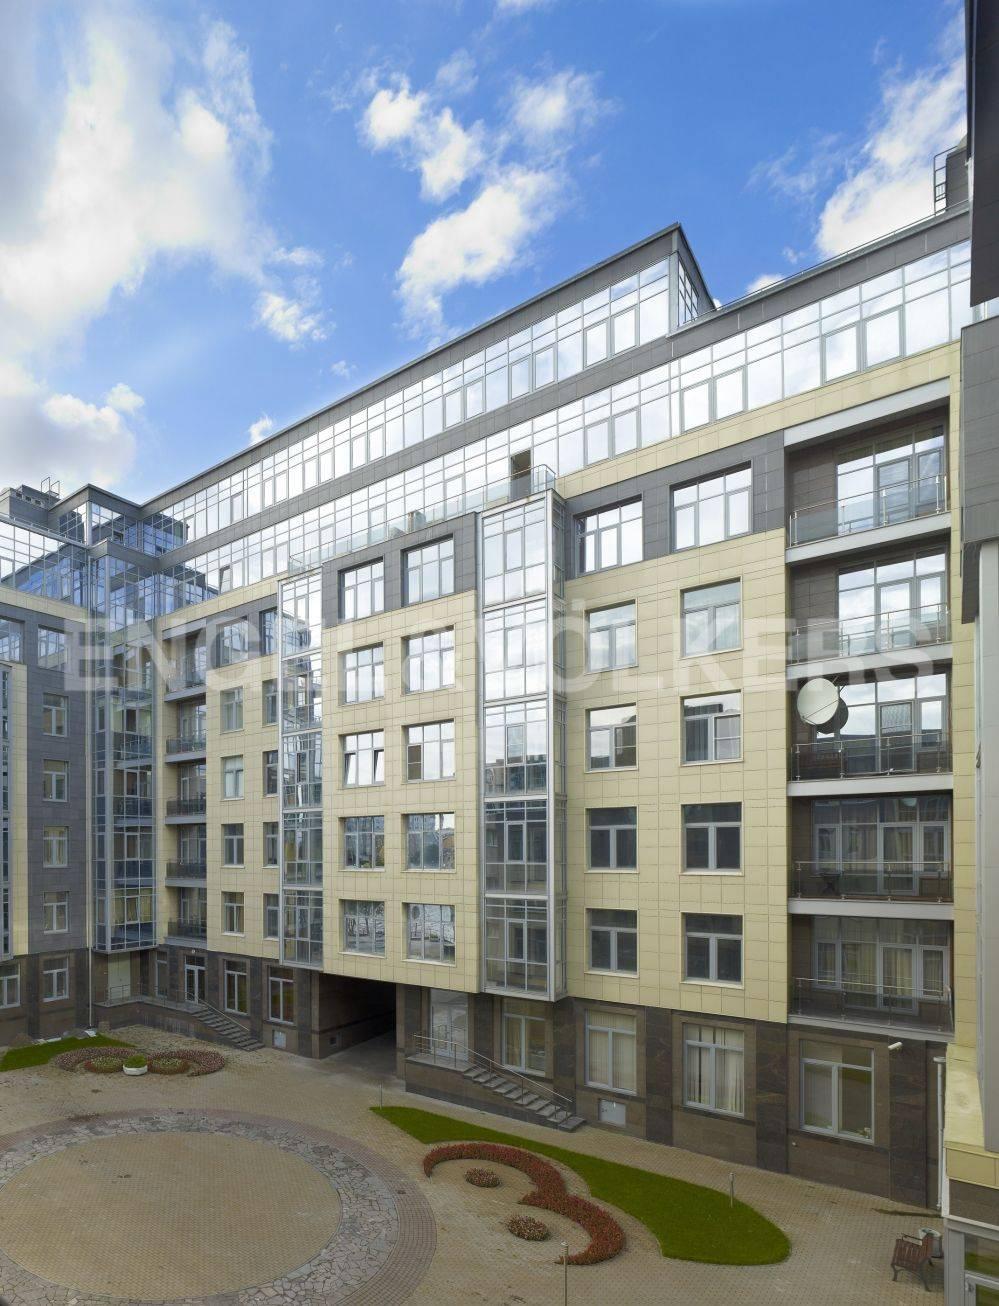 Элитные квартиры на . Санкт-Петербург, ул. Вязовая, 10. Фасад дома. Благоустроенный двор